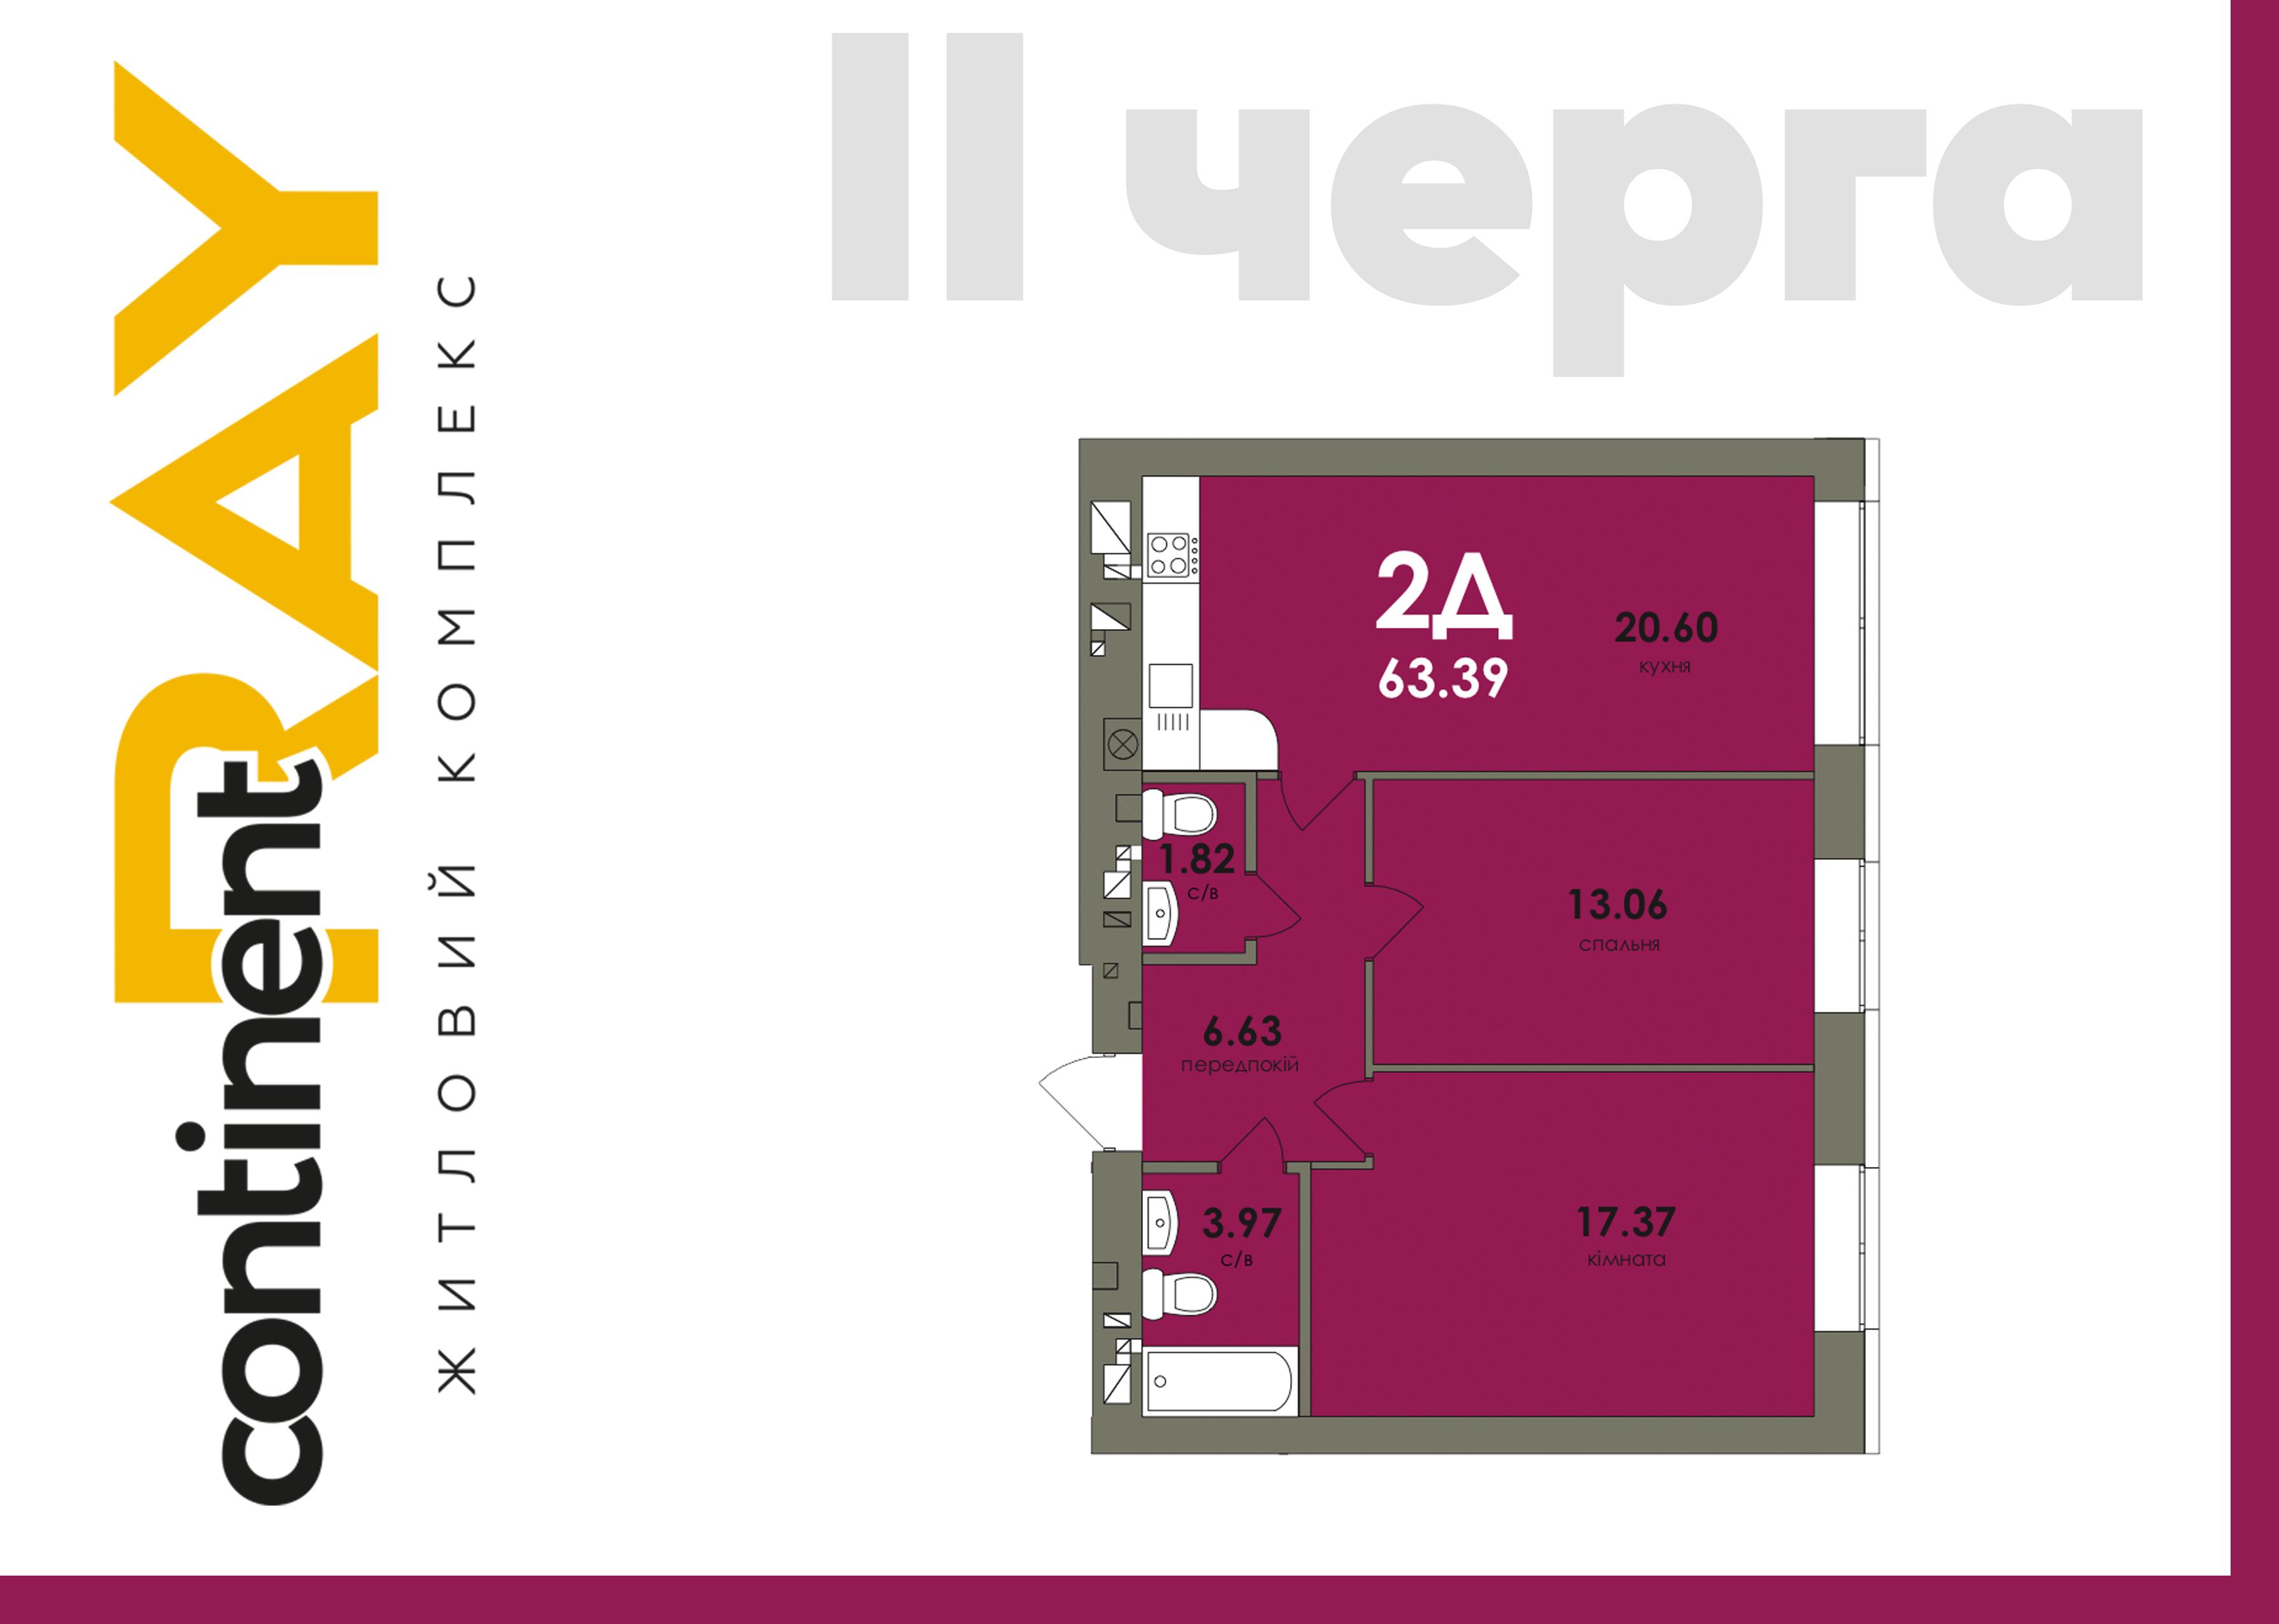 2-кімн. кв 2Д 63.39 м²